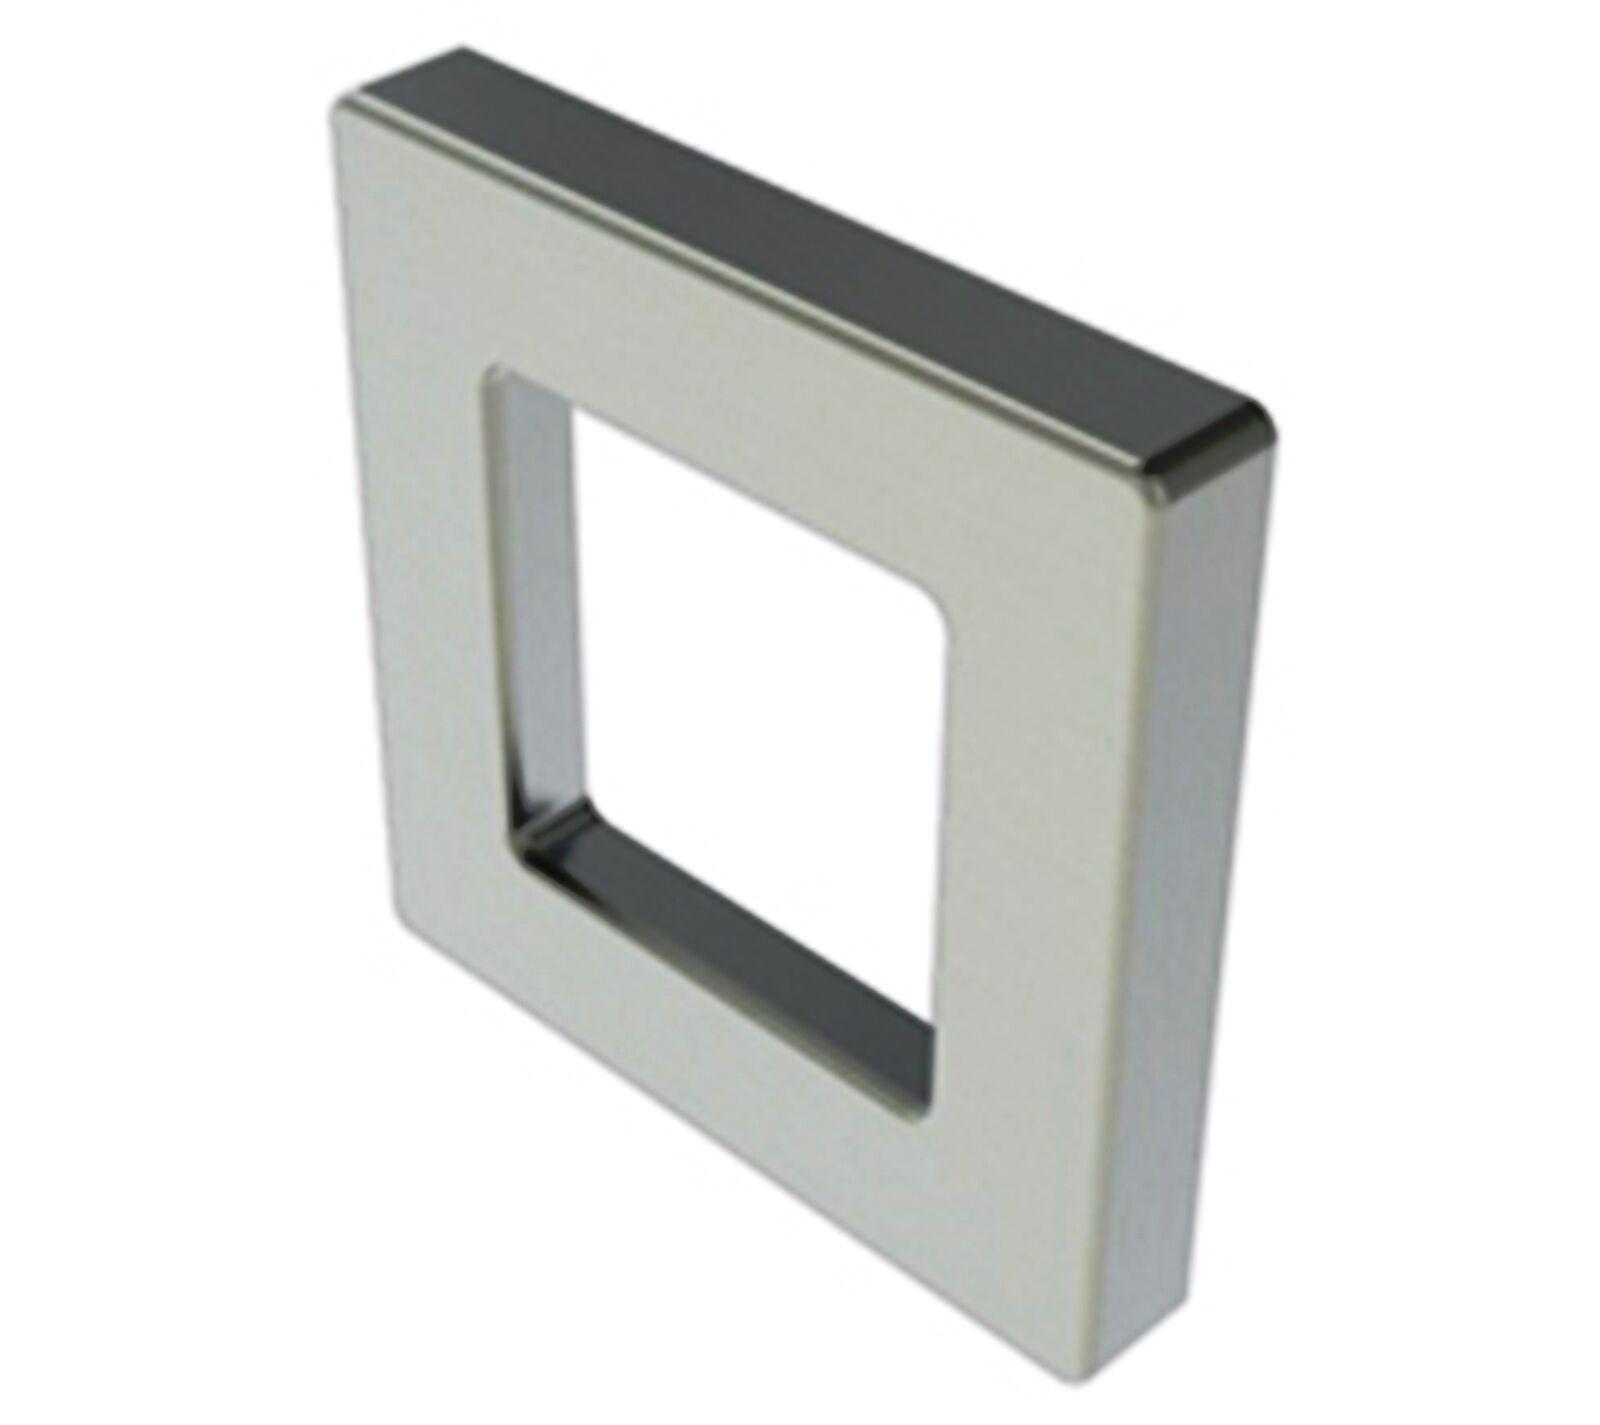 Griffmuschel  quadratisch  selbstklebend  Breite 6 cm      Glastürgriff